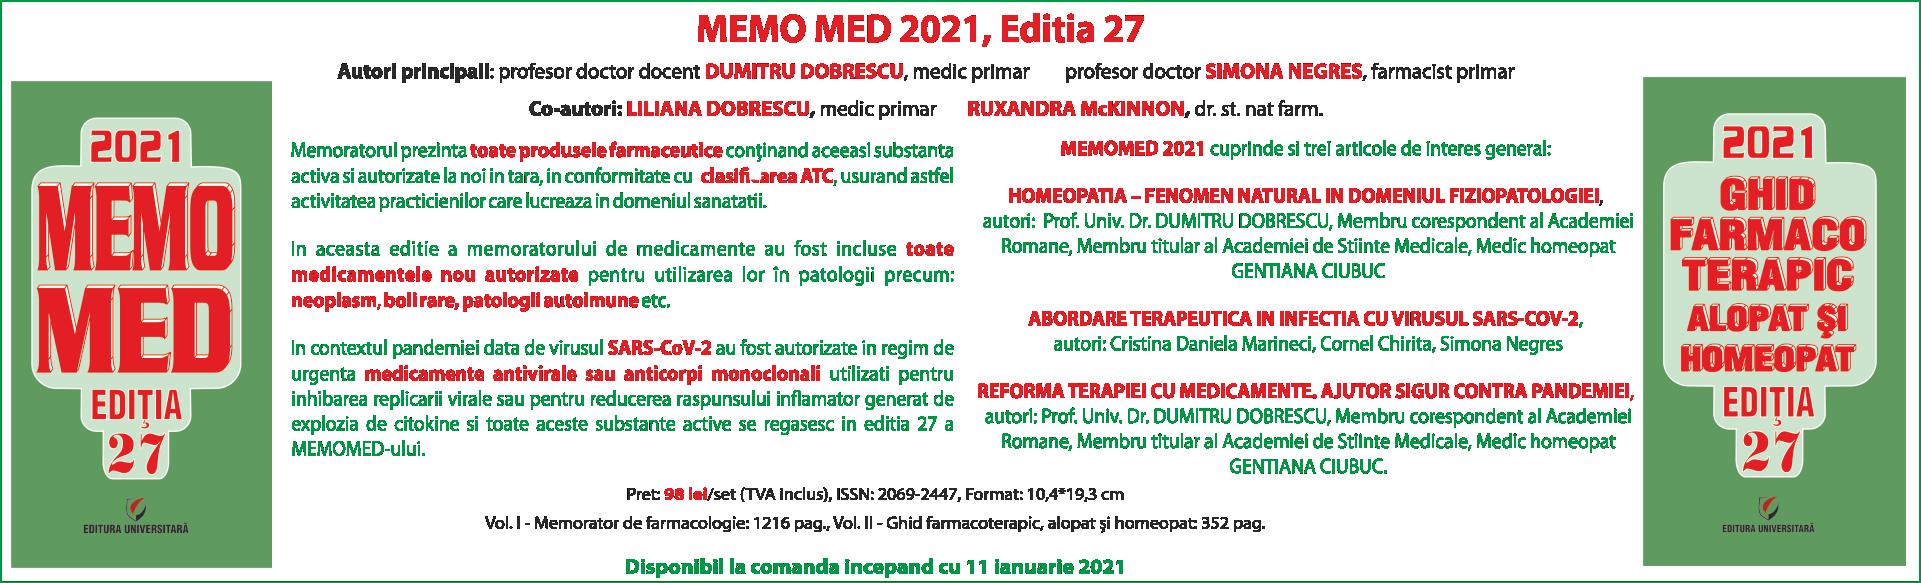 Memo Med 2021 - banner